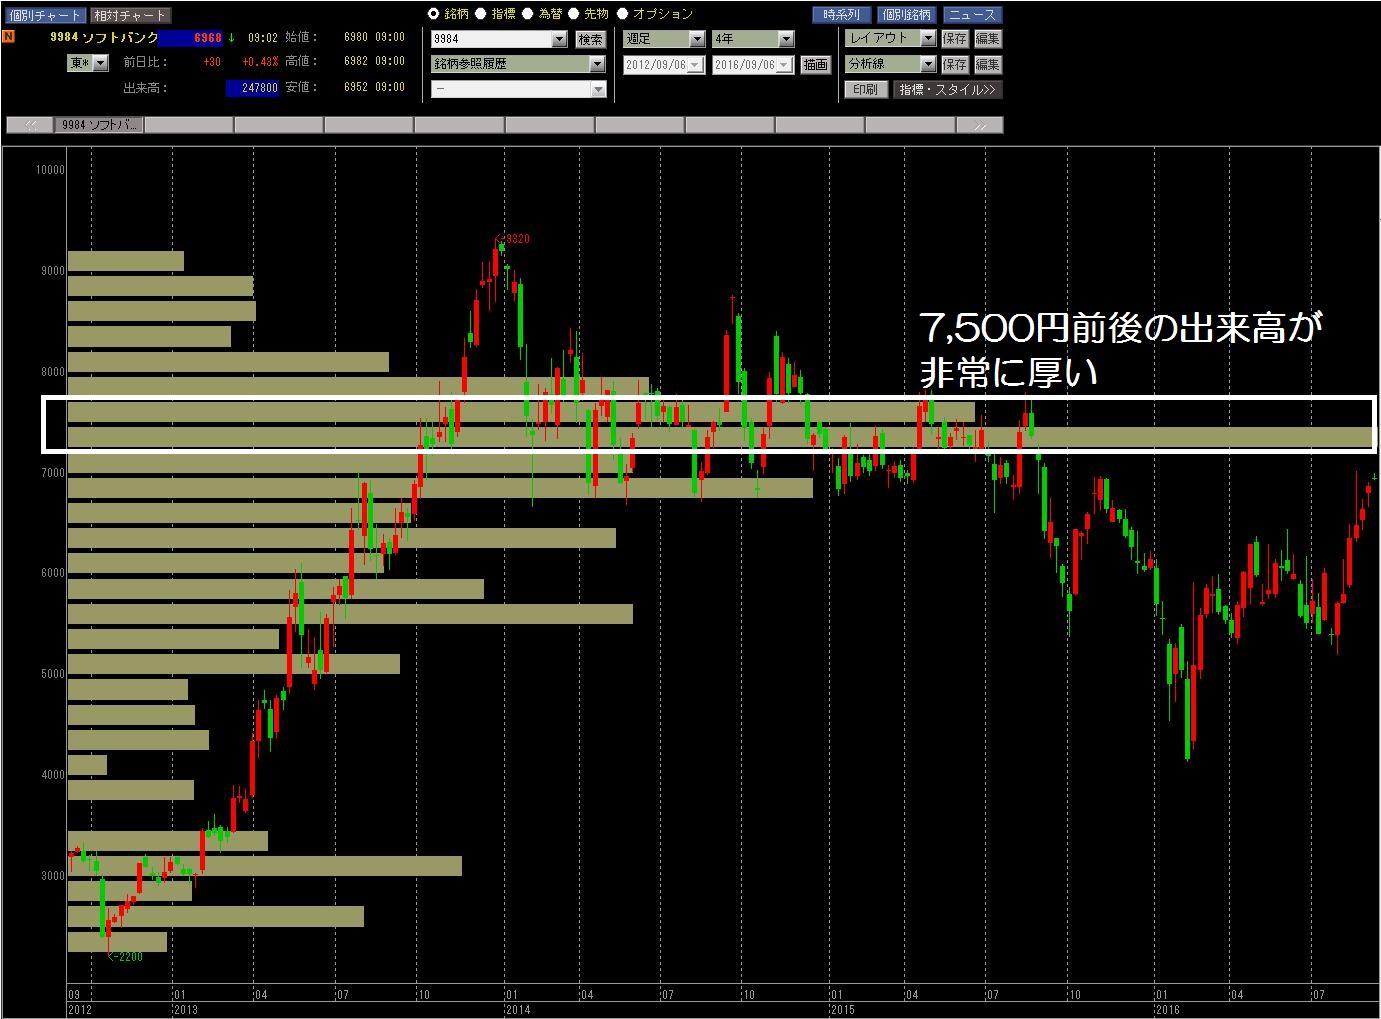 16.9.6ソフトバンク株価-価格帯別出来高-min